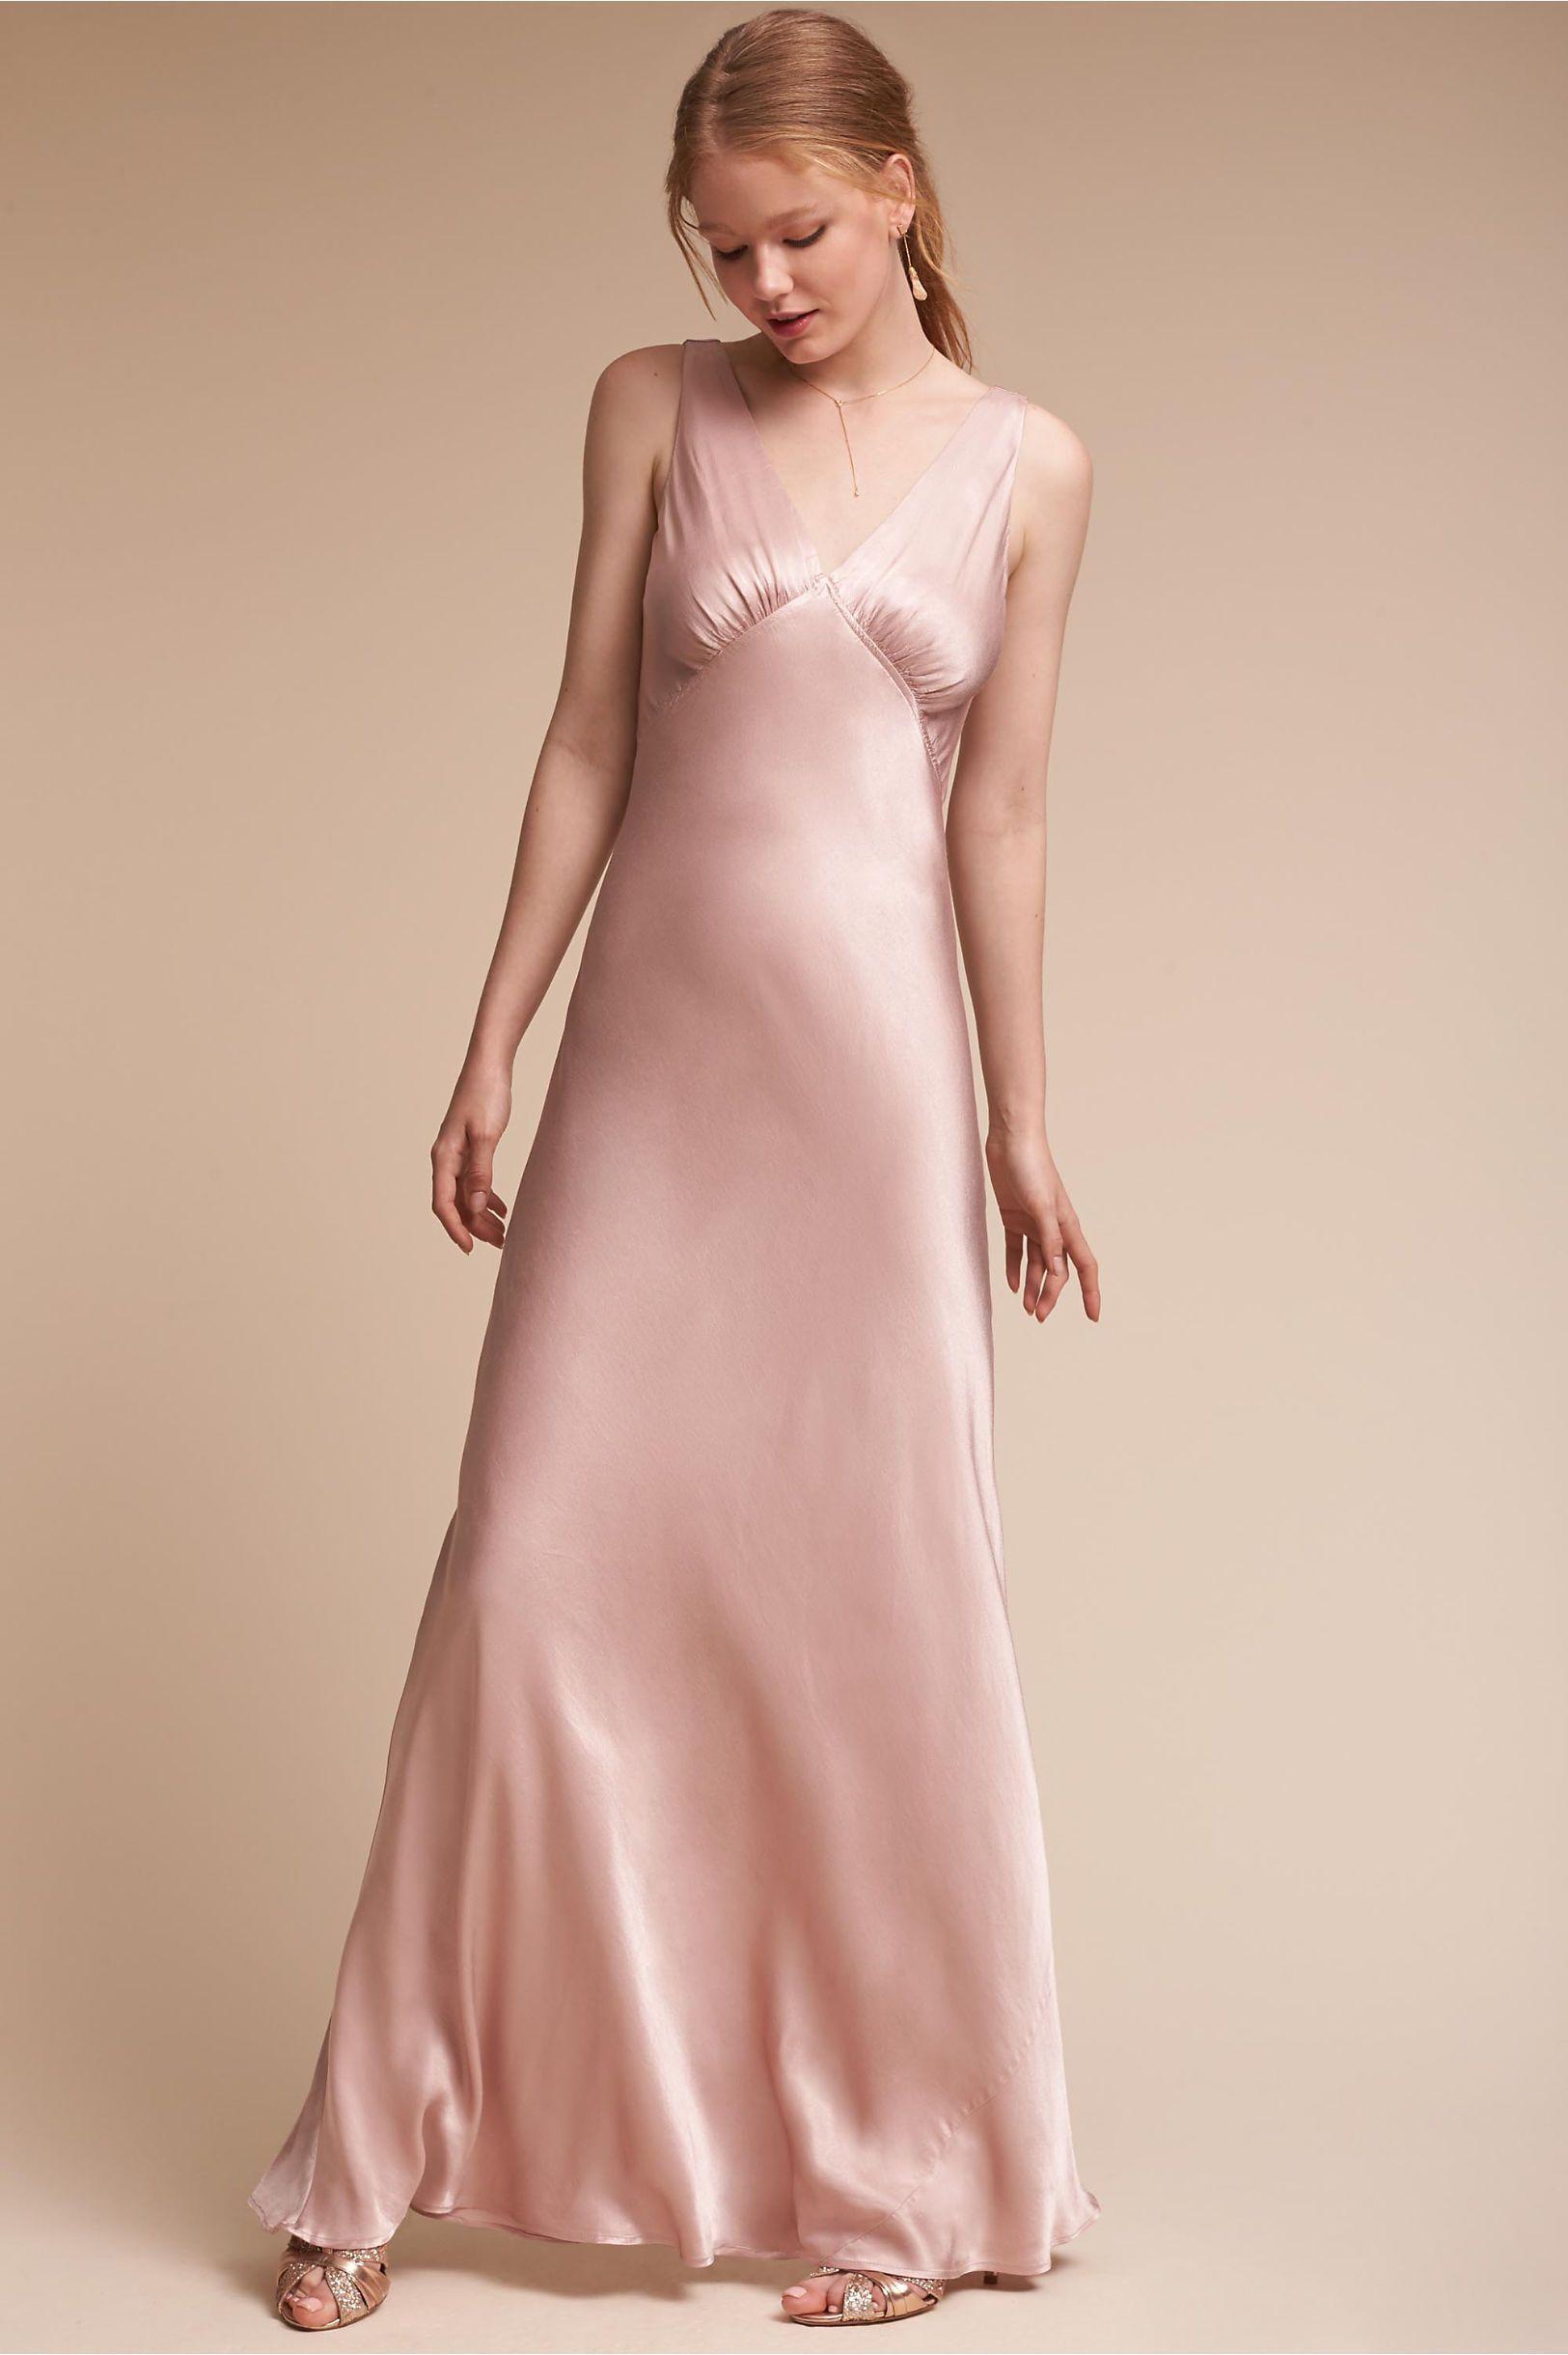 Excelente Dresse De La Dama De Honor Festooning - Colección de ...